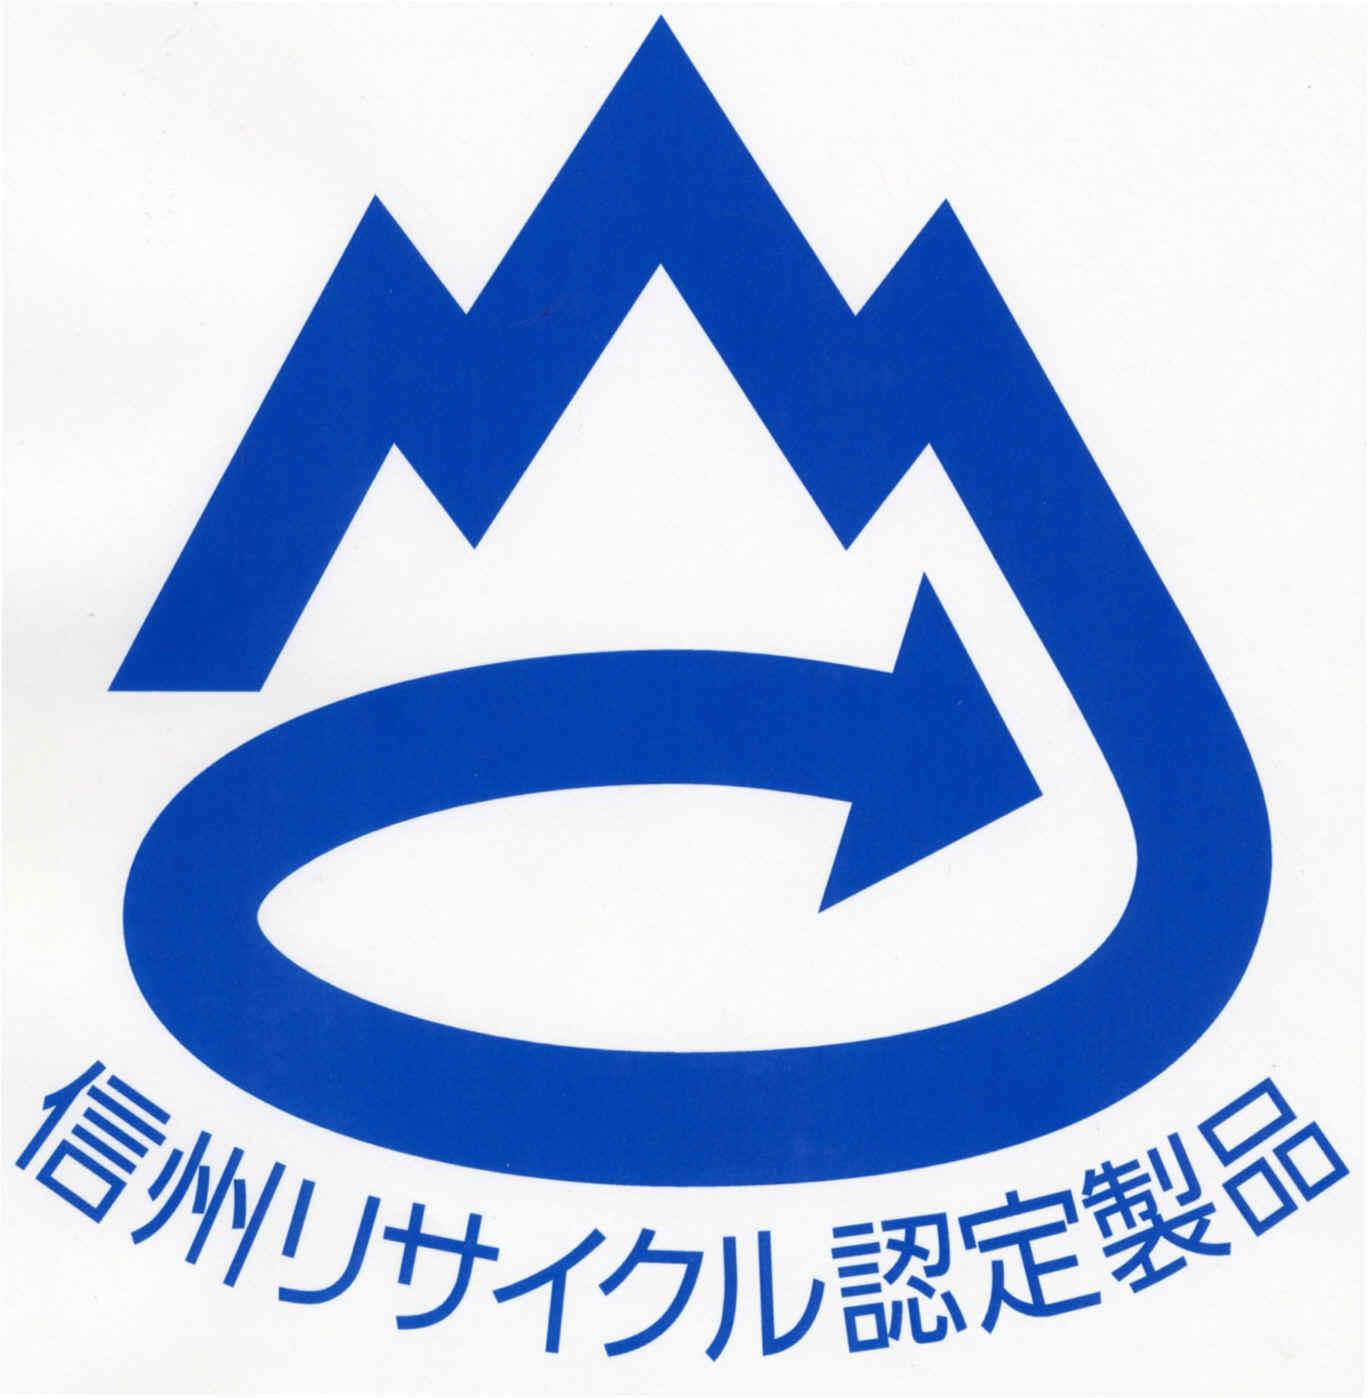 信州リサイクル認定製品